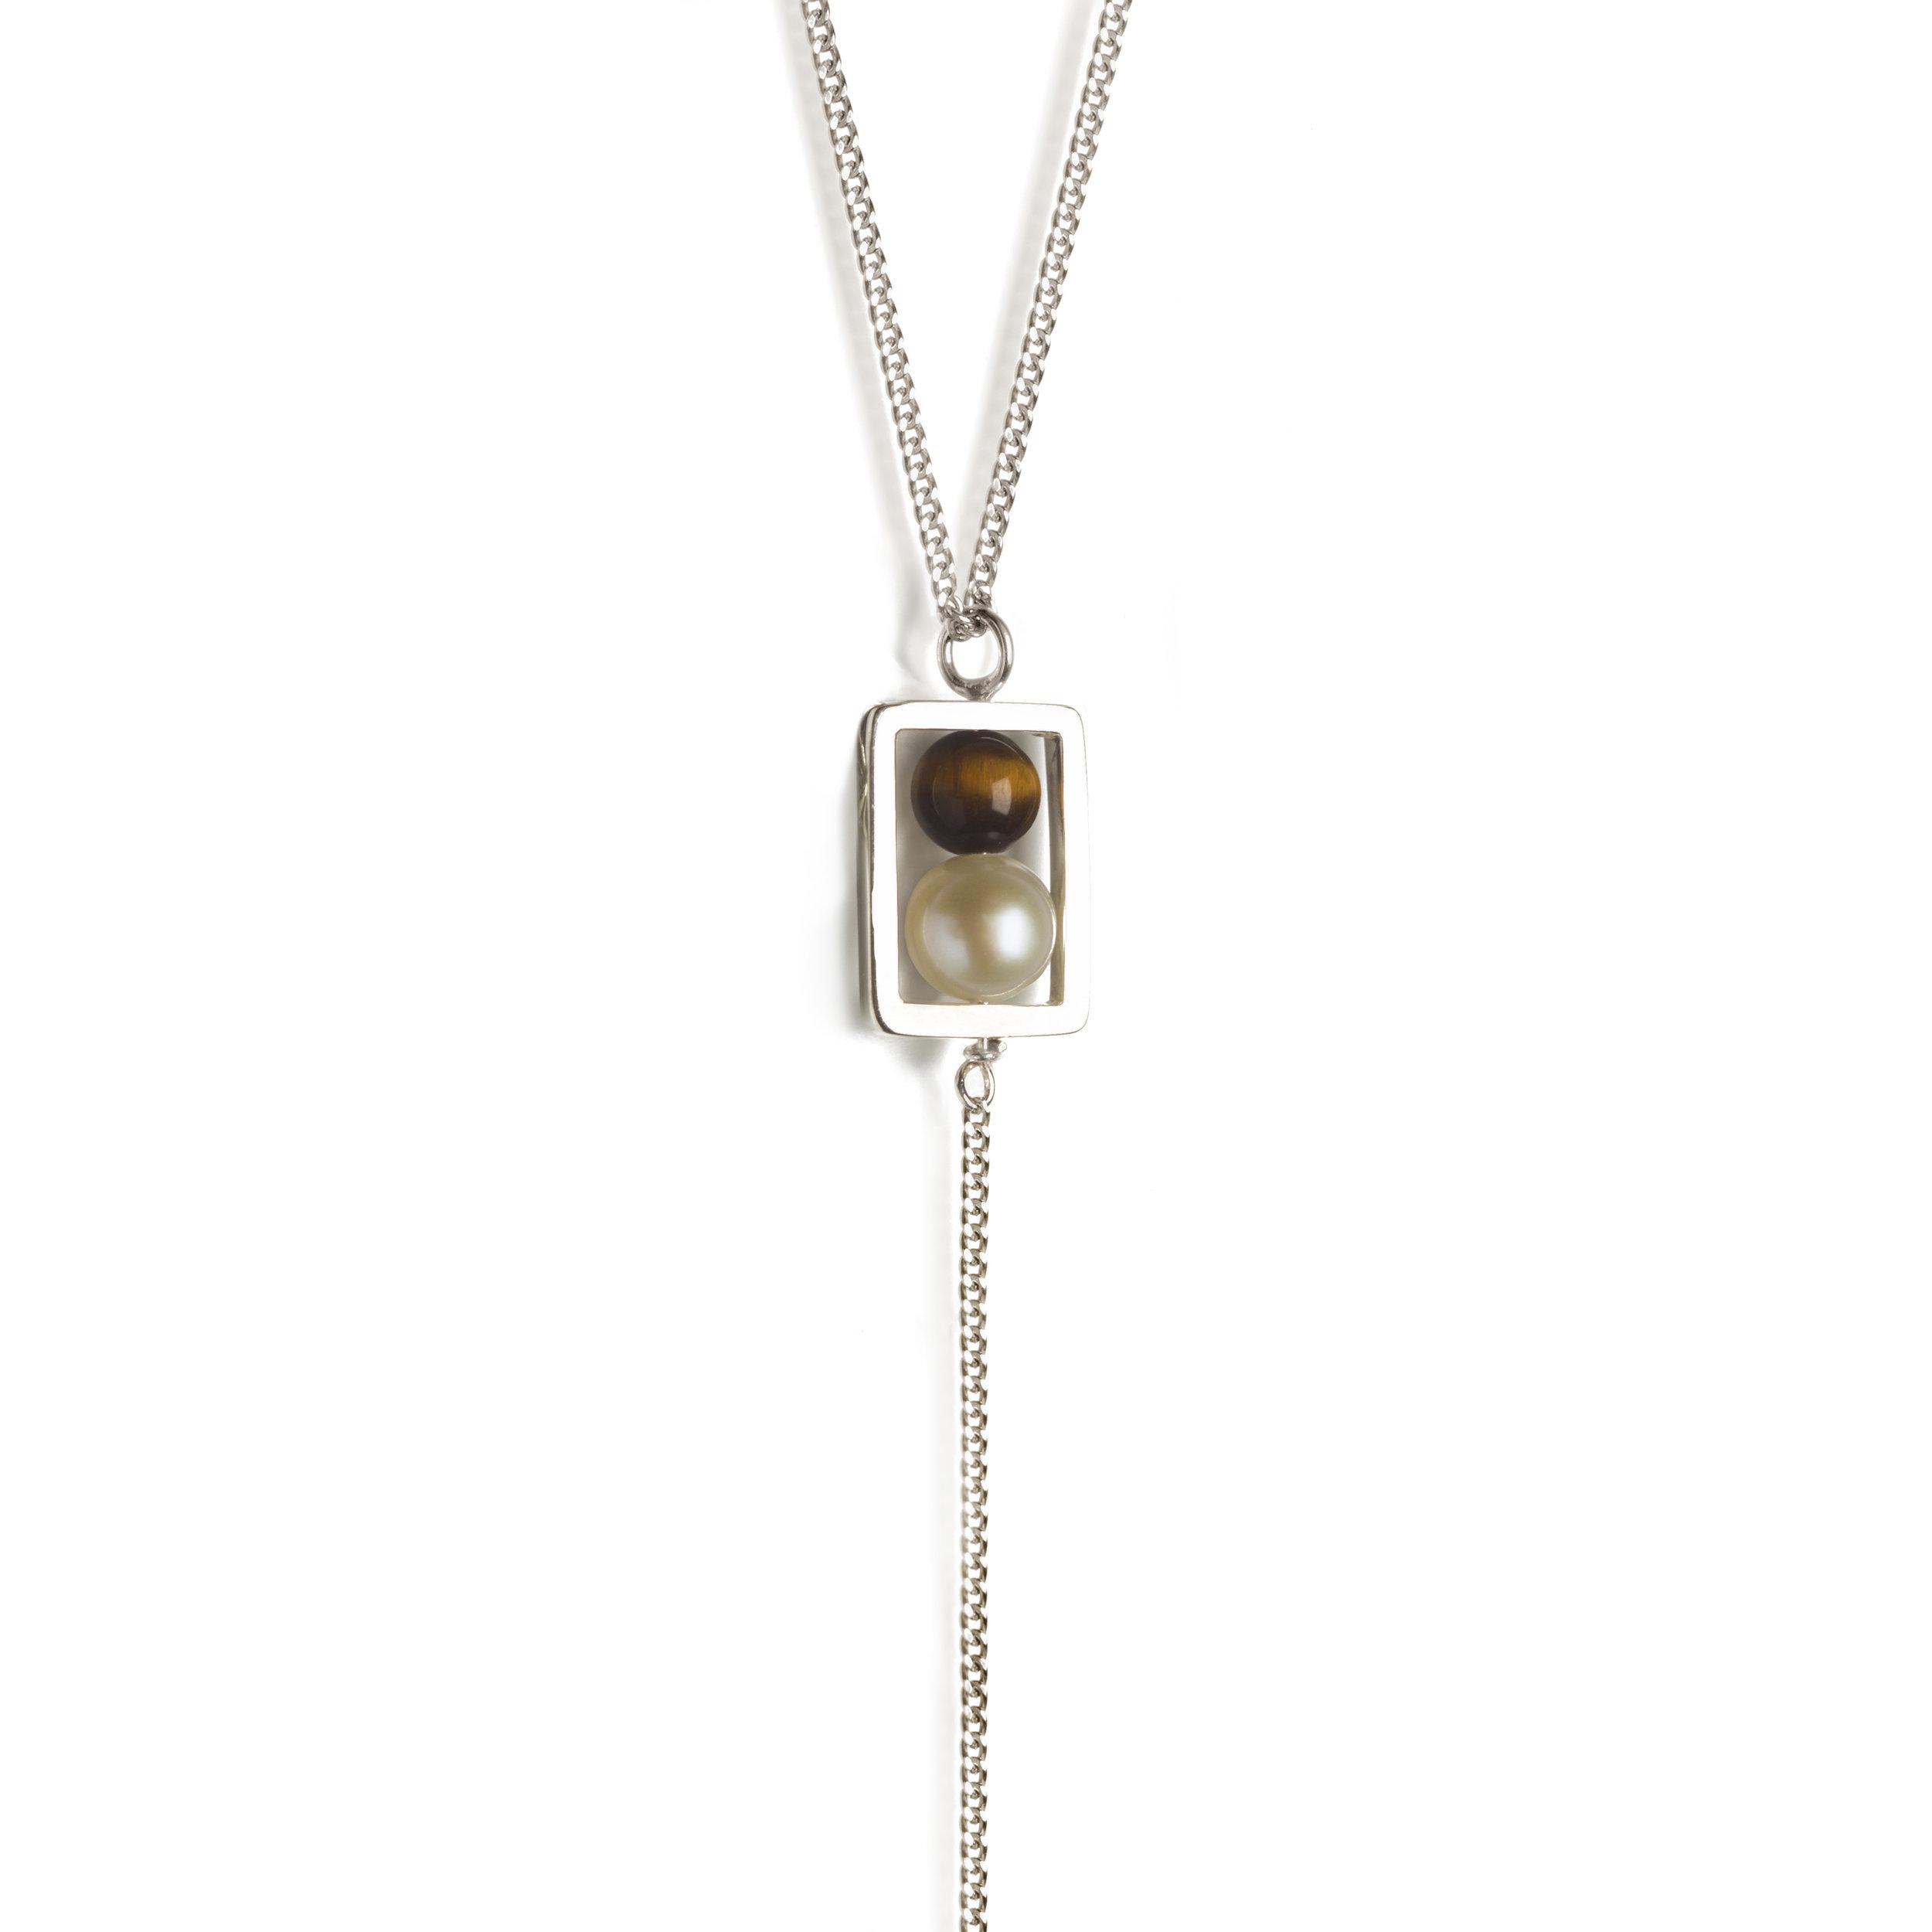 Lana_necklace_w_frame_tigers_eye_pearl_amethyst_silver.jpg